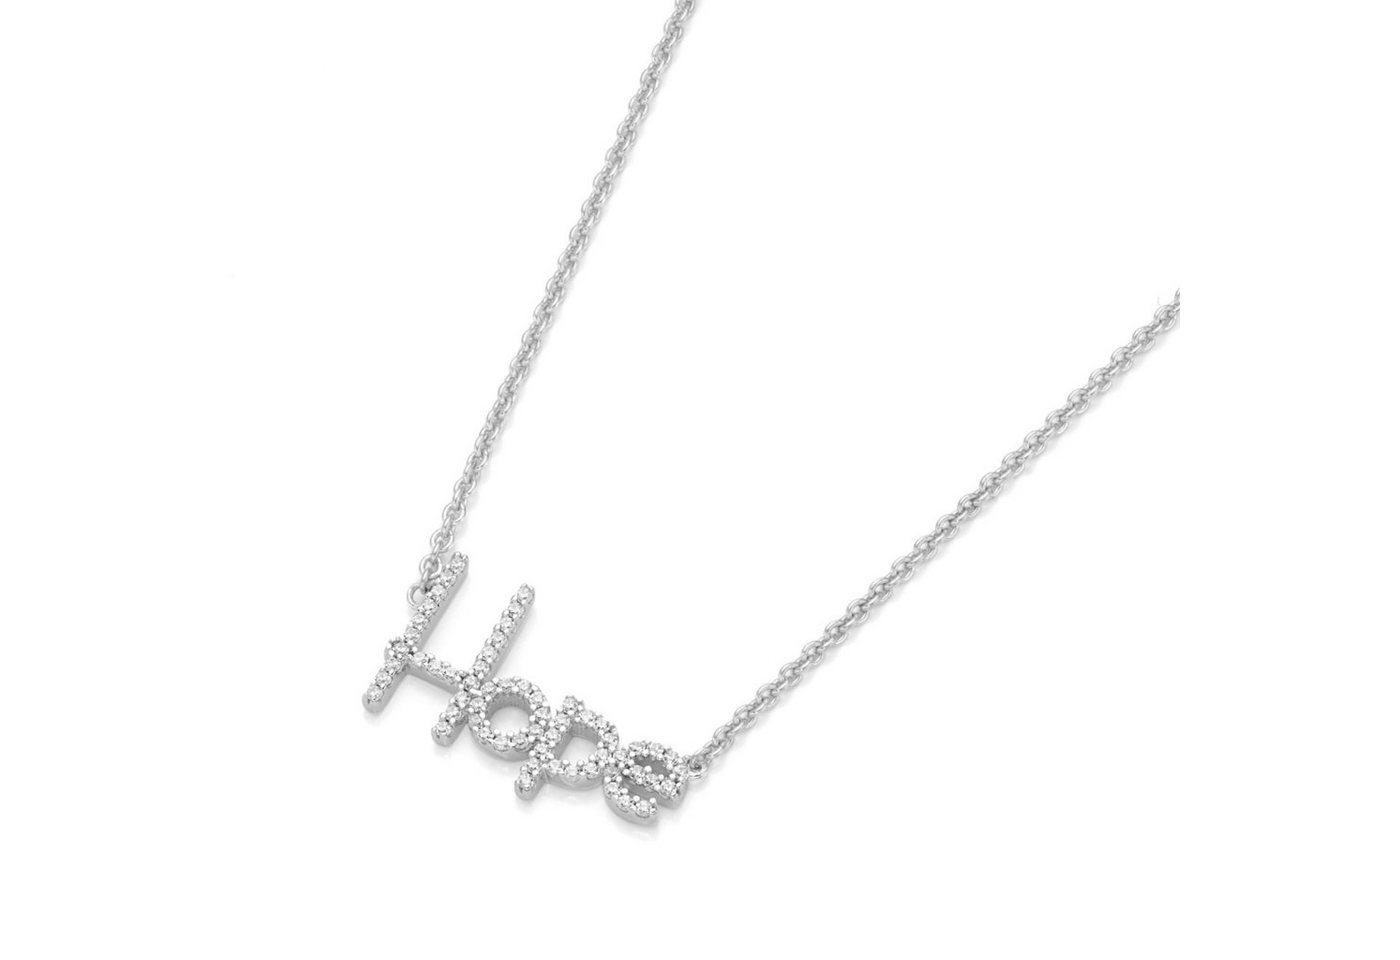 GIORGIO MARTELLO MILANO Statementkette »Schriftzug Hope« | Schmuck > Halsketten > Statementketten | GIORGIO MARTELLO MILANO